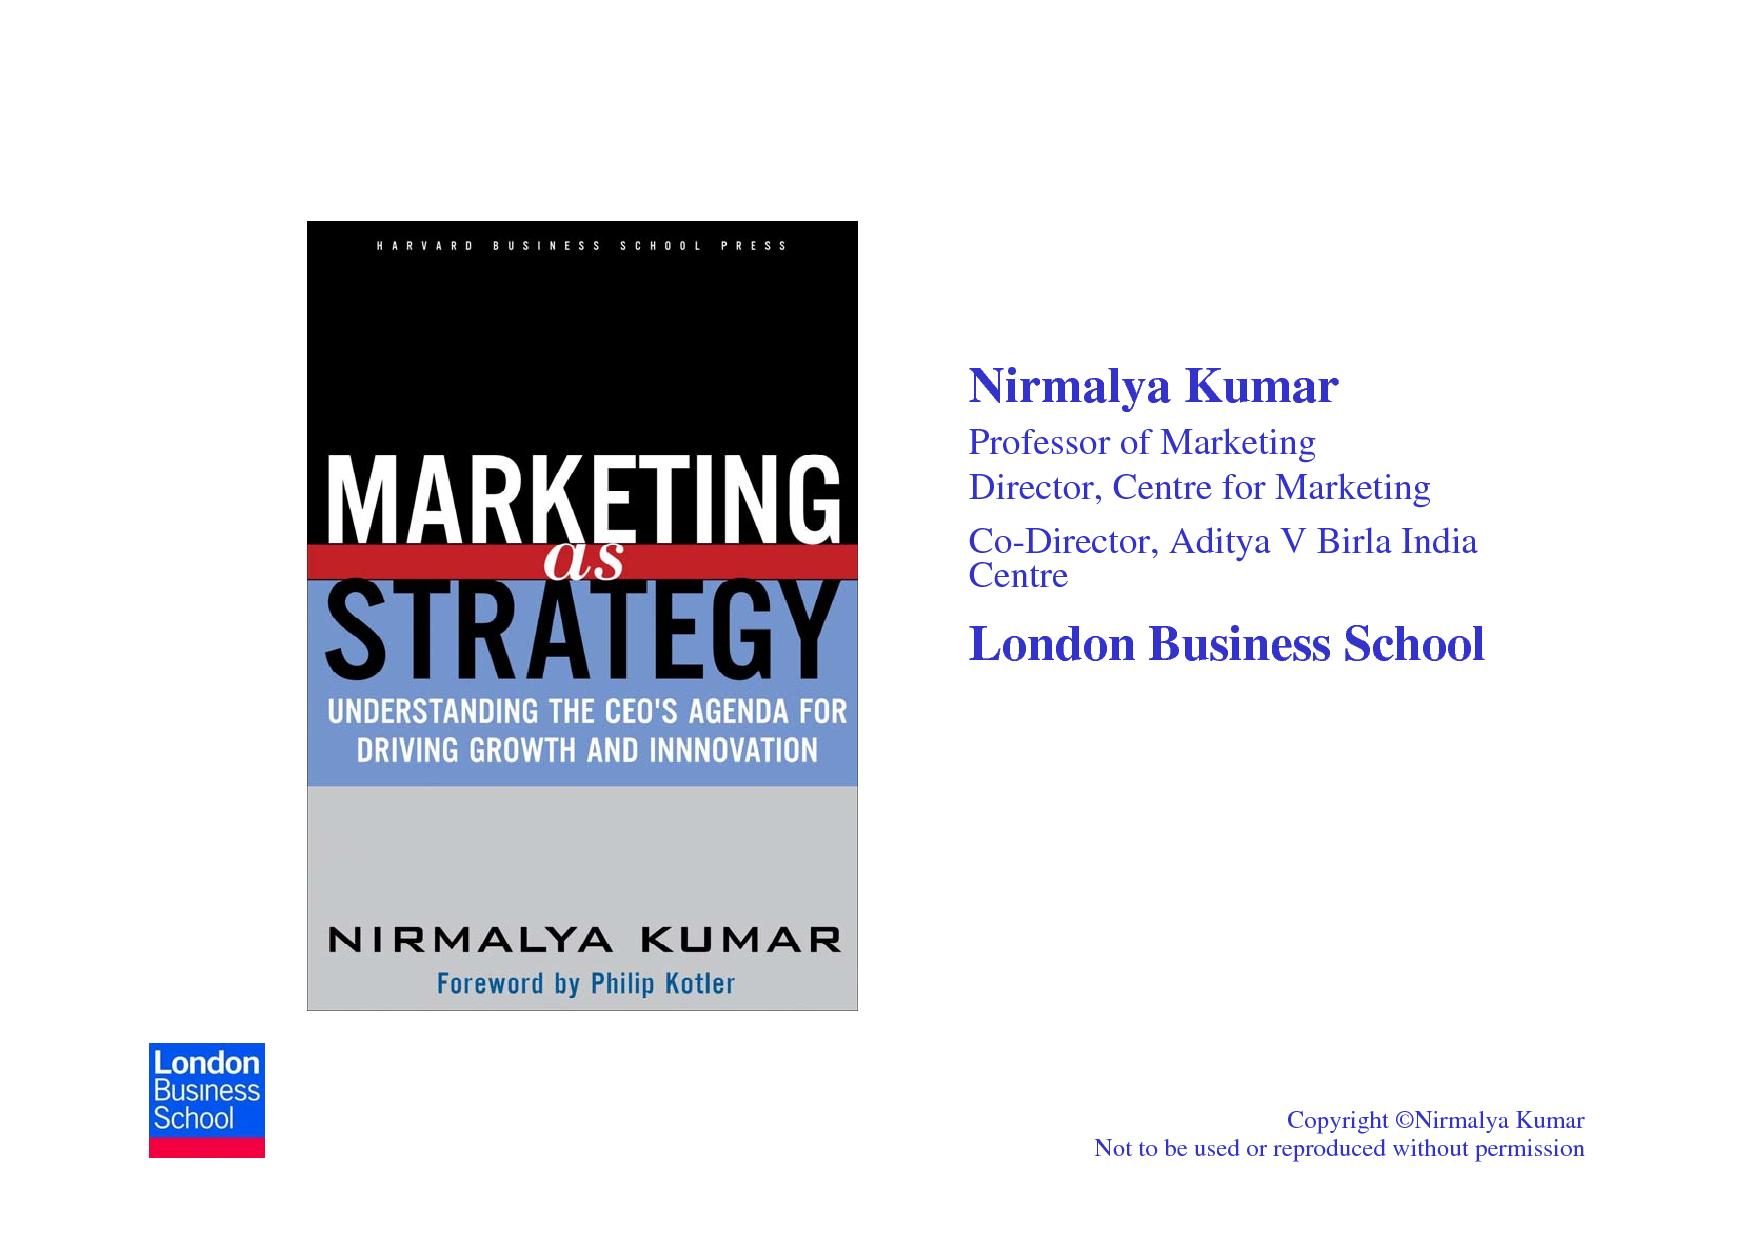 strategies to fight low cost rivals nirmalya kumar